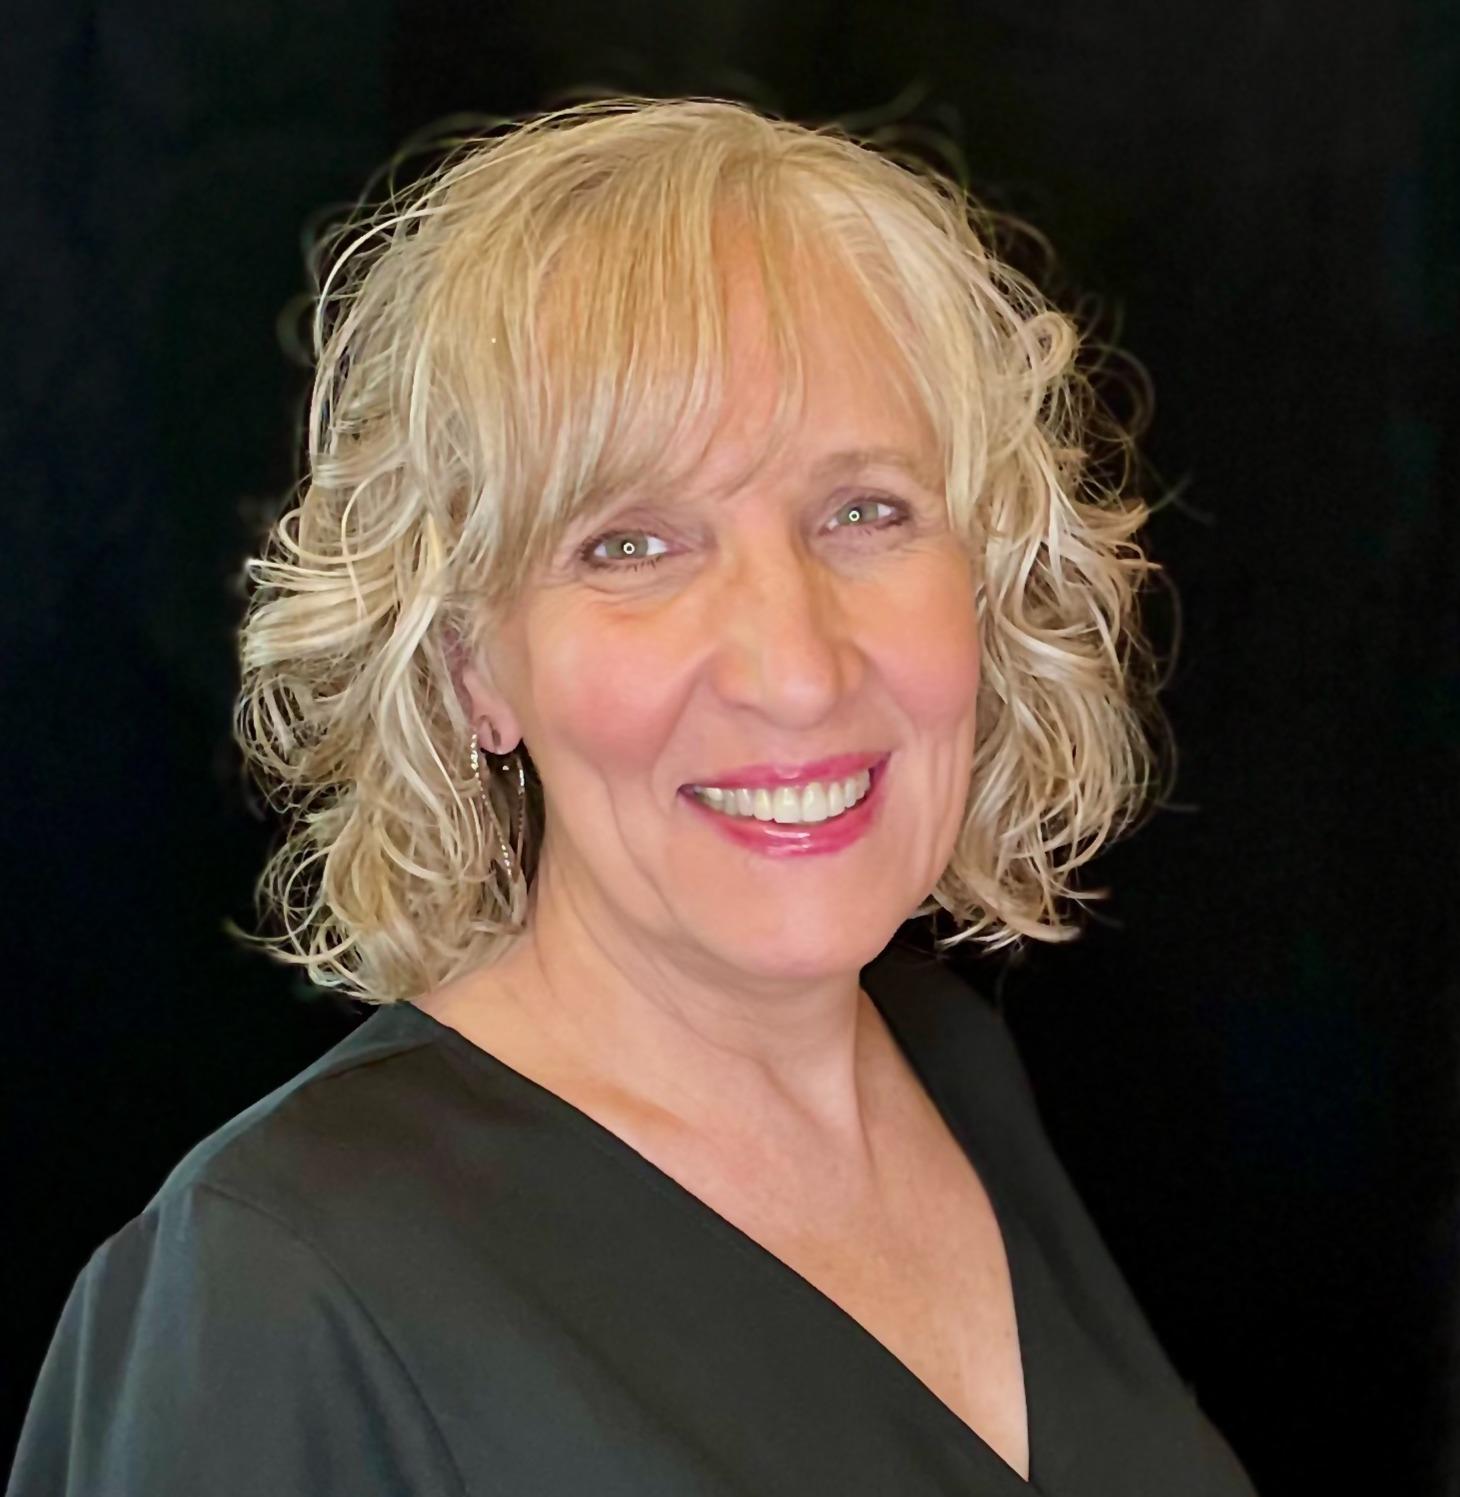 Karla Utterback